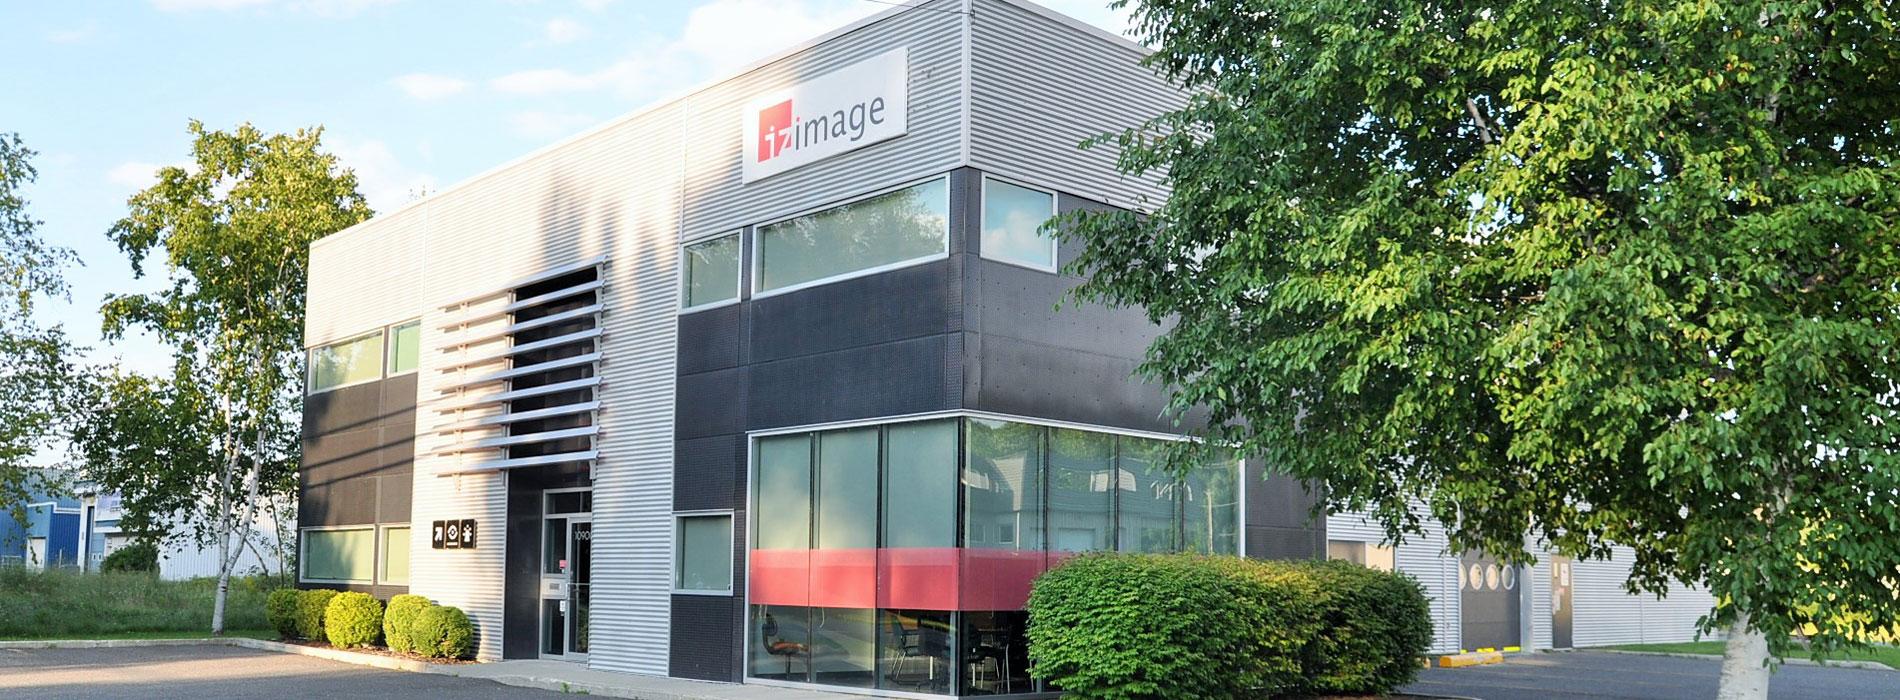 Izimage building